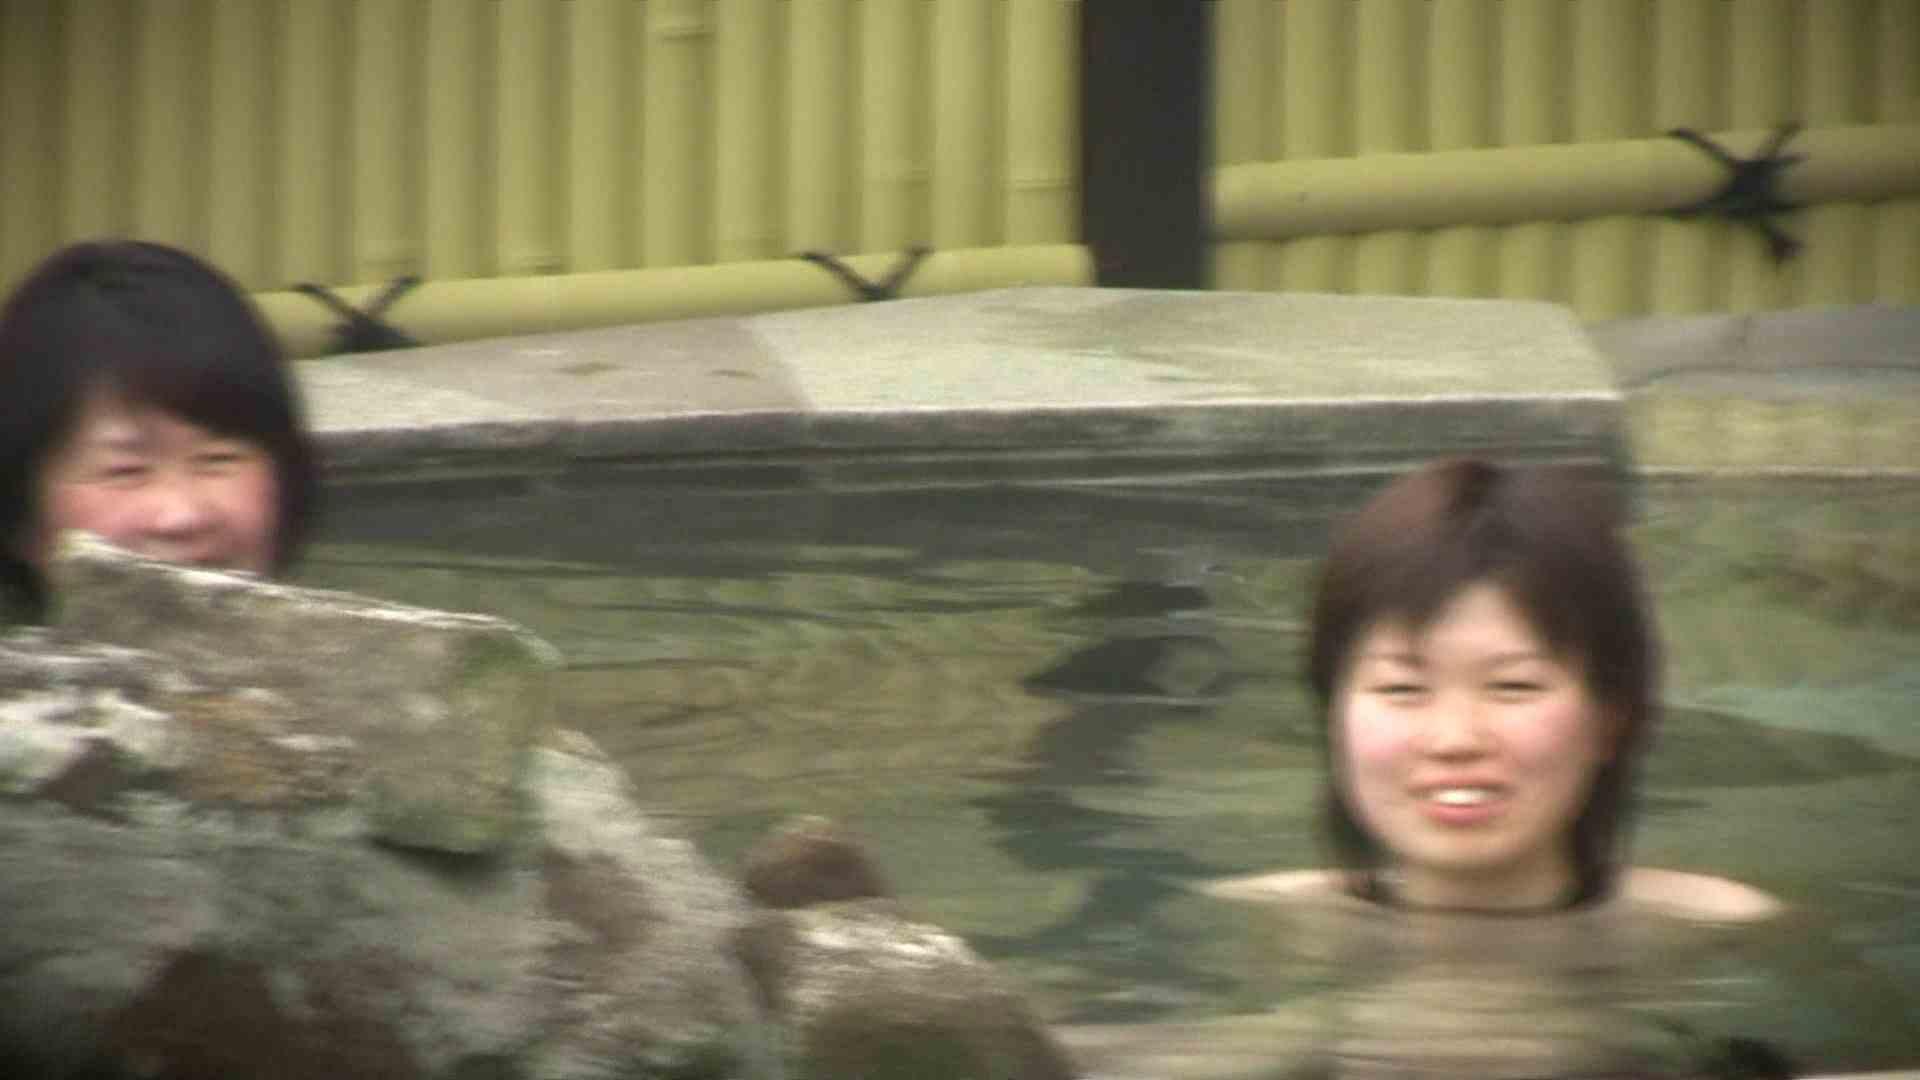 Aquaな露天風呂Vol.675 盗撮  77画像 6